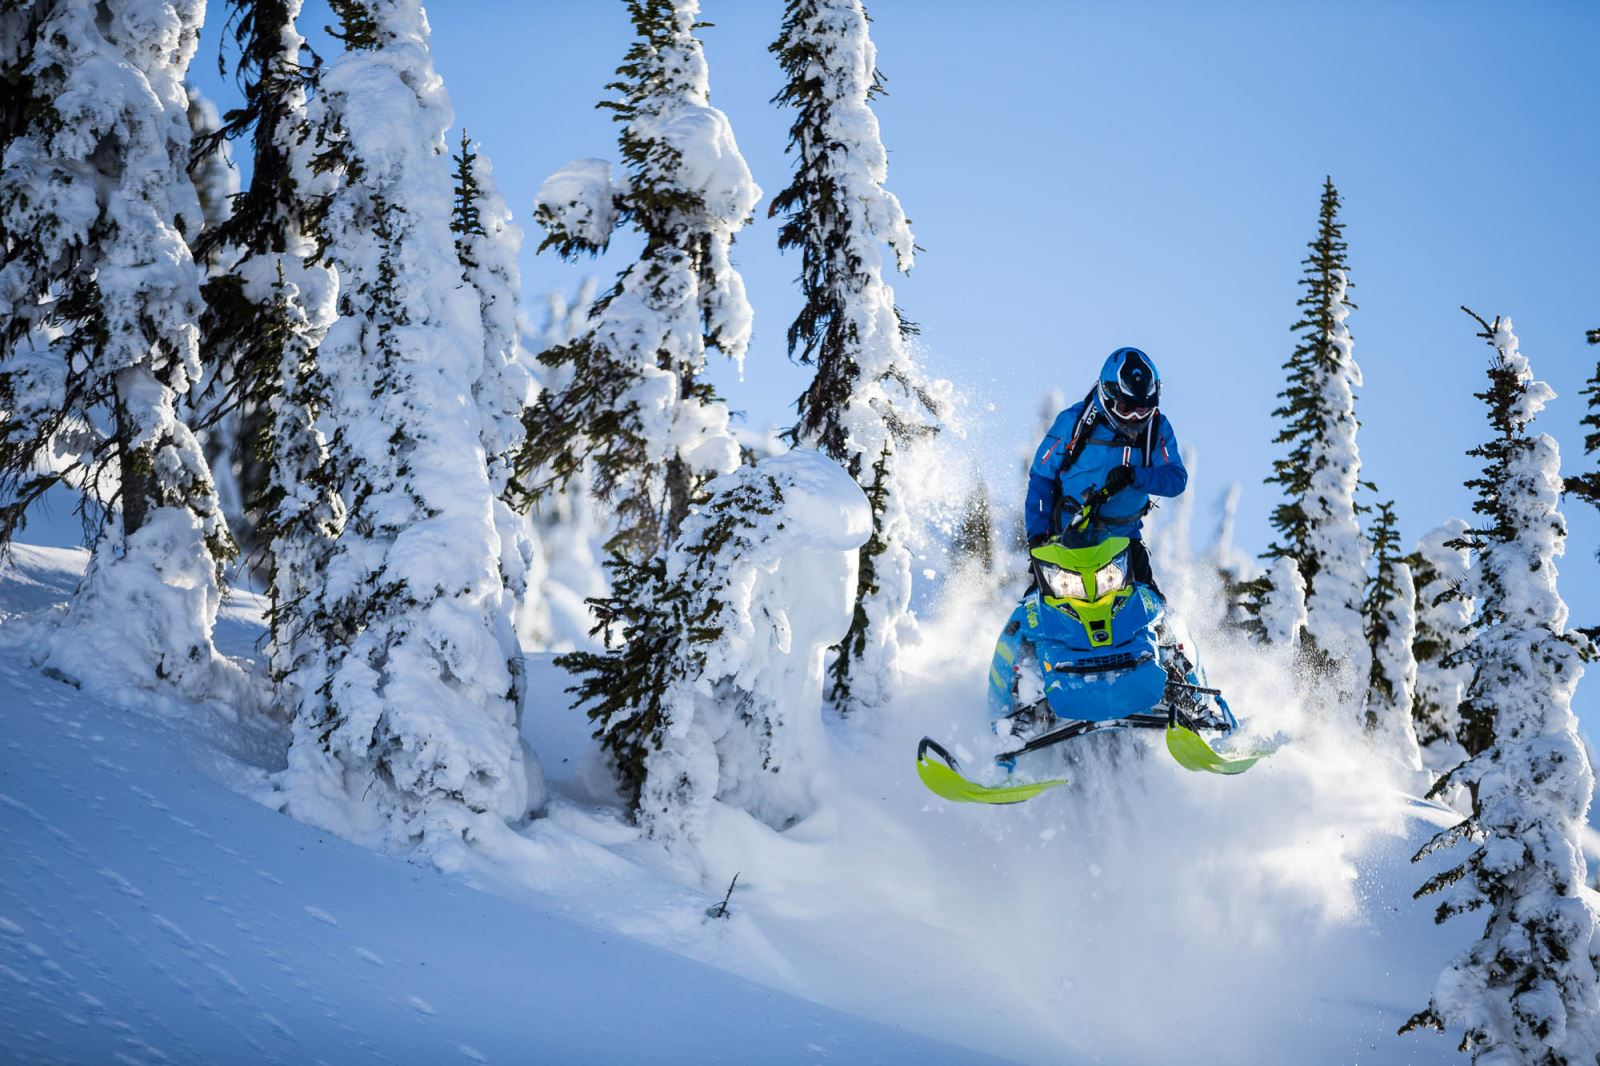 Ski Doo Freeride >> 2017 Ski-Doo Freeride 154 and 146   SnoWest Magazine